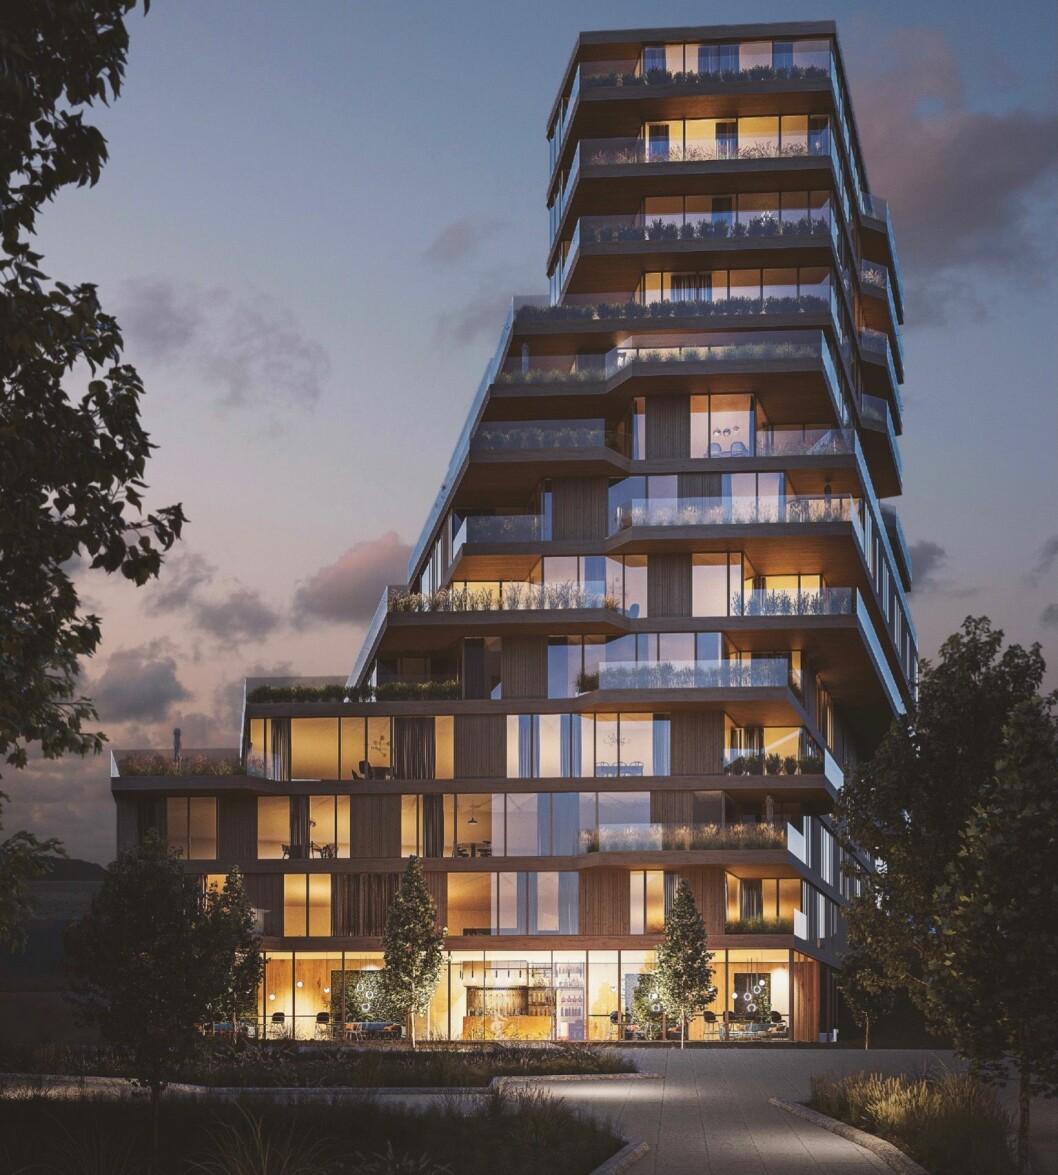 81 BOLIGER: Bonum ønsker å bygge 81 boliger i tillegg til forretning i første etasje mot Gunnar Schjelderups vei. (AtelierOslo/Lund Hagem Arkitekter)